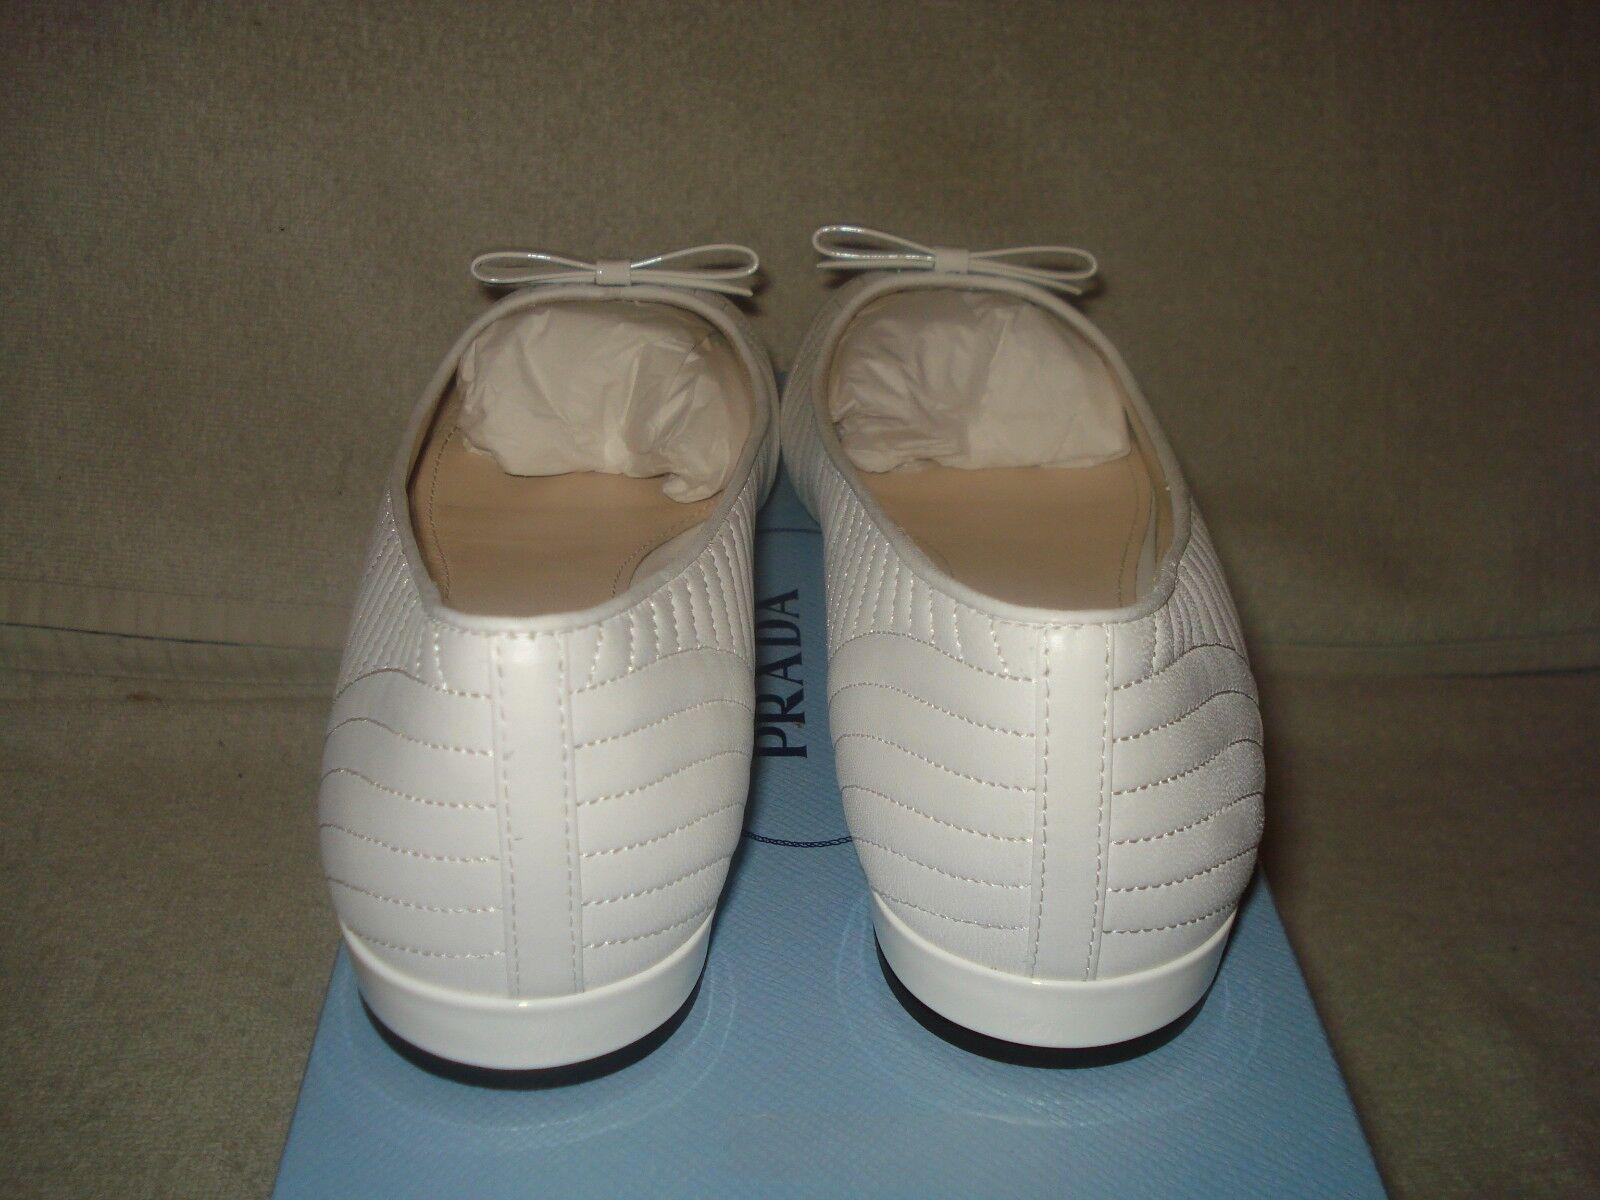 100% AUTH NEW WOMEN PRADA WHITE MATELASSE MATELASSE MATELASSE PATENT BALLET BALLERINA FLATS US 10 c39162